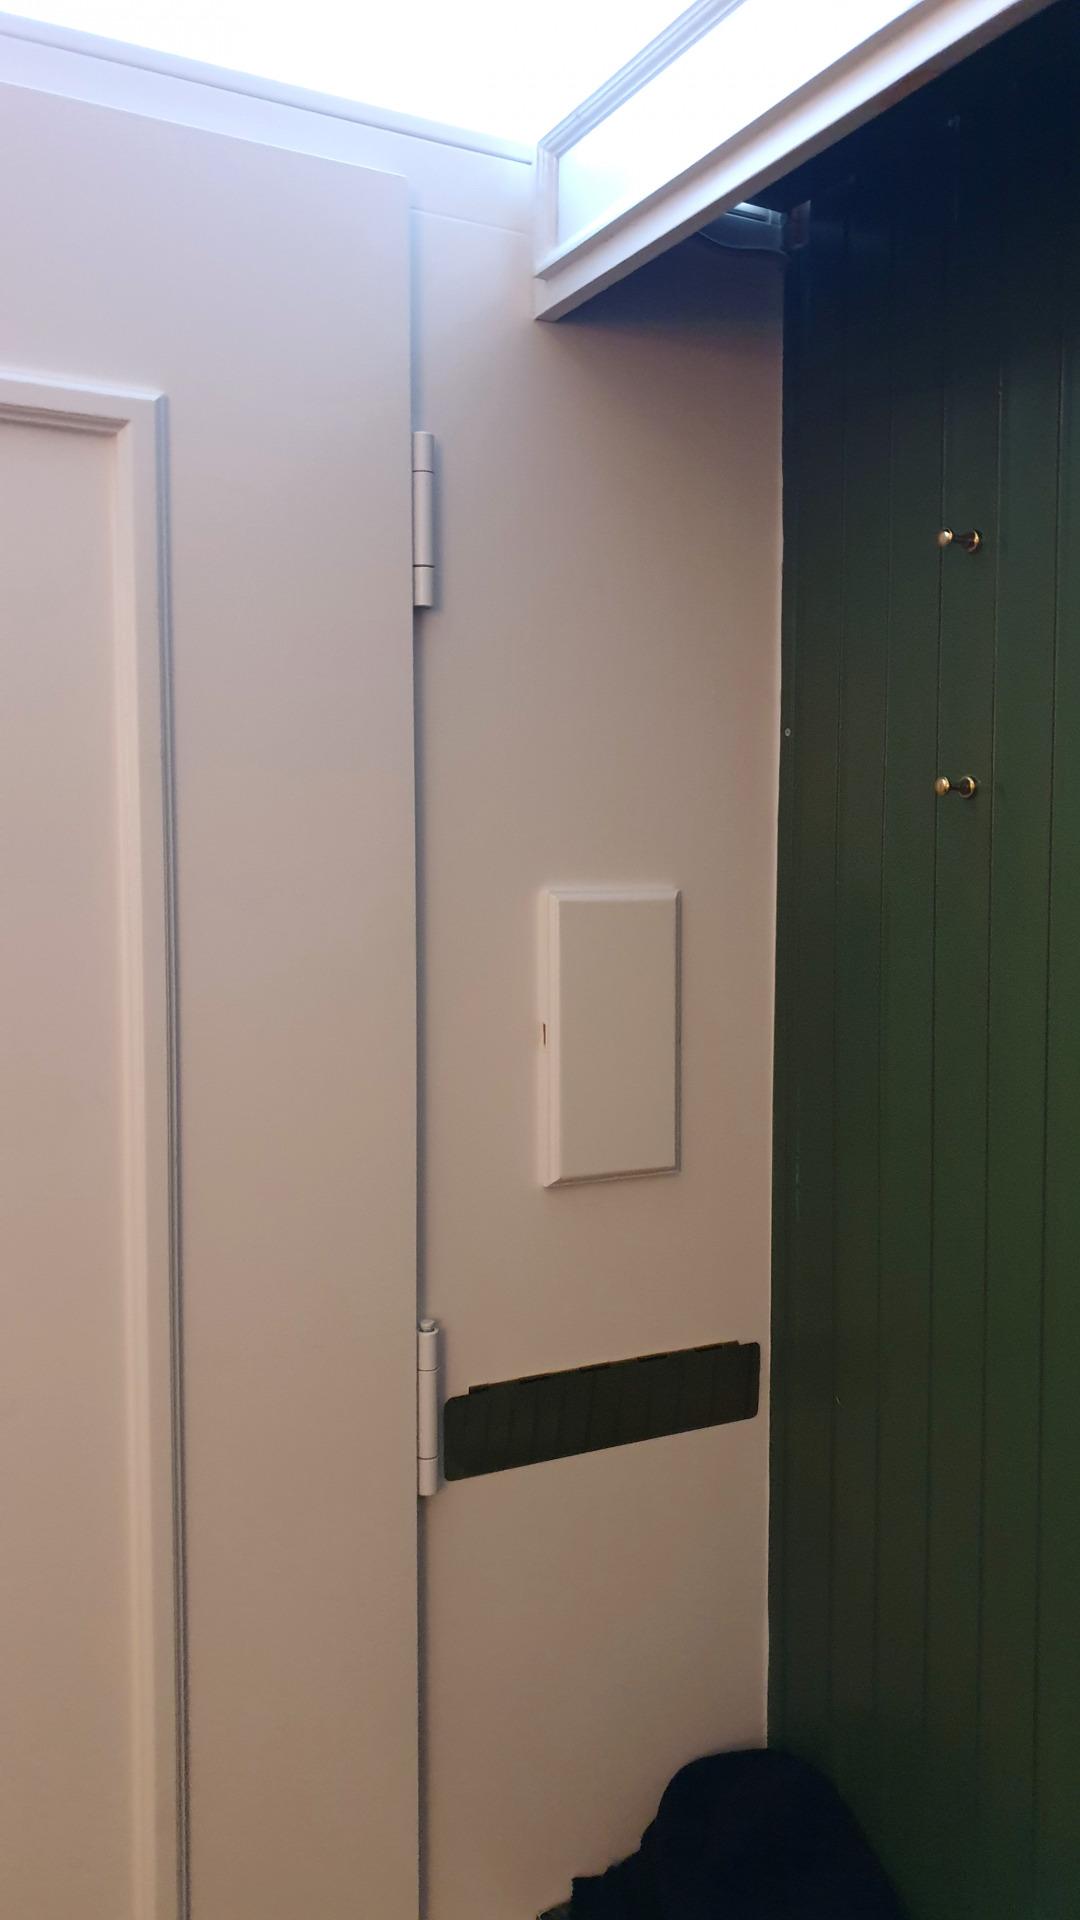 Dekoelemente auf Türinnenseite und nach Maß angepasste Abdeckung der Sprechanlage.